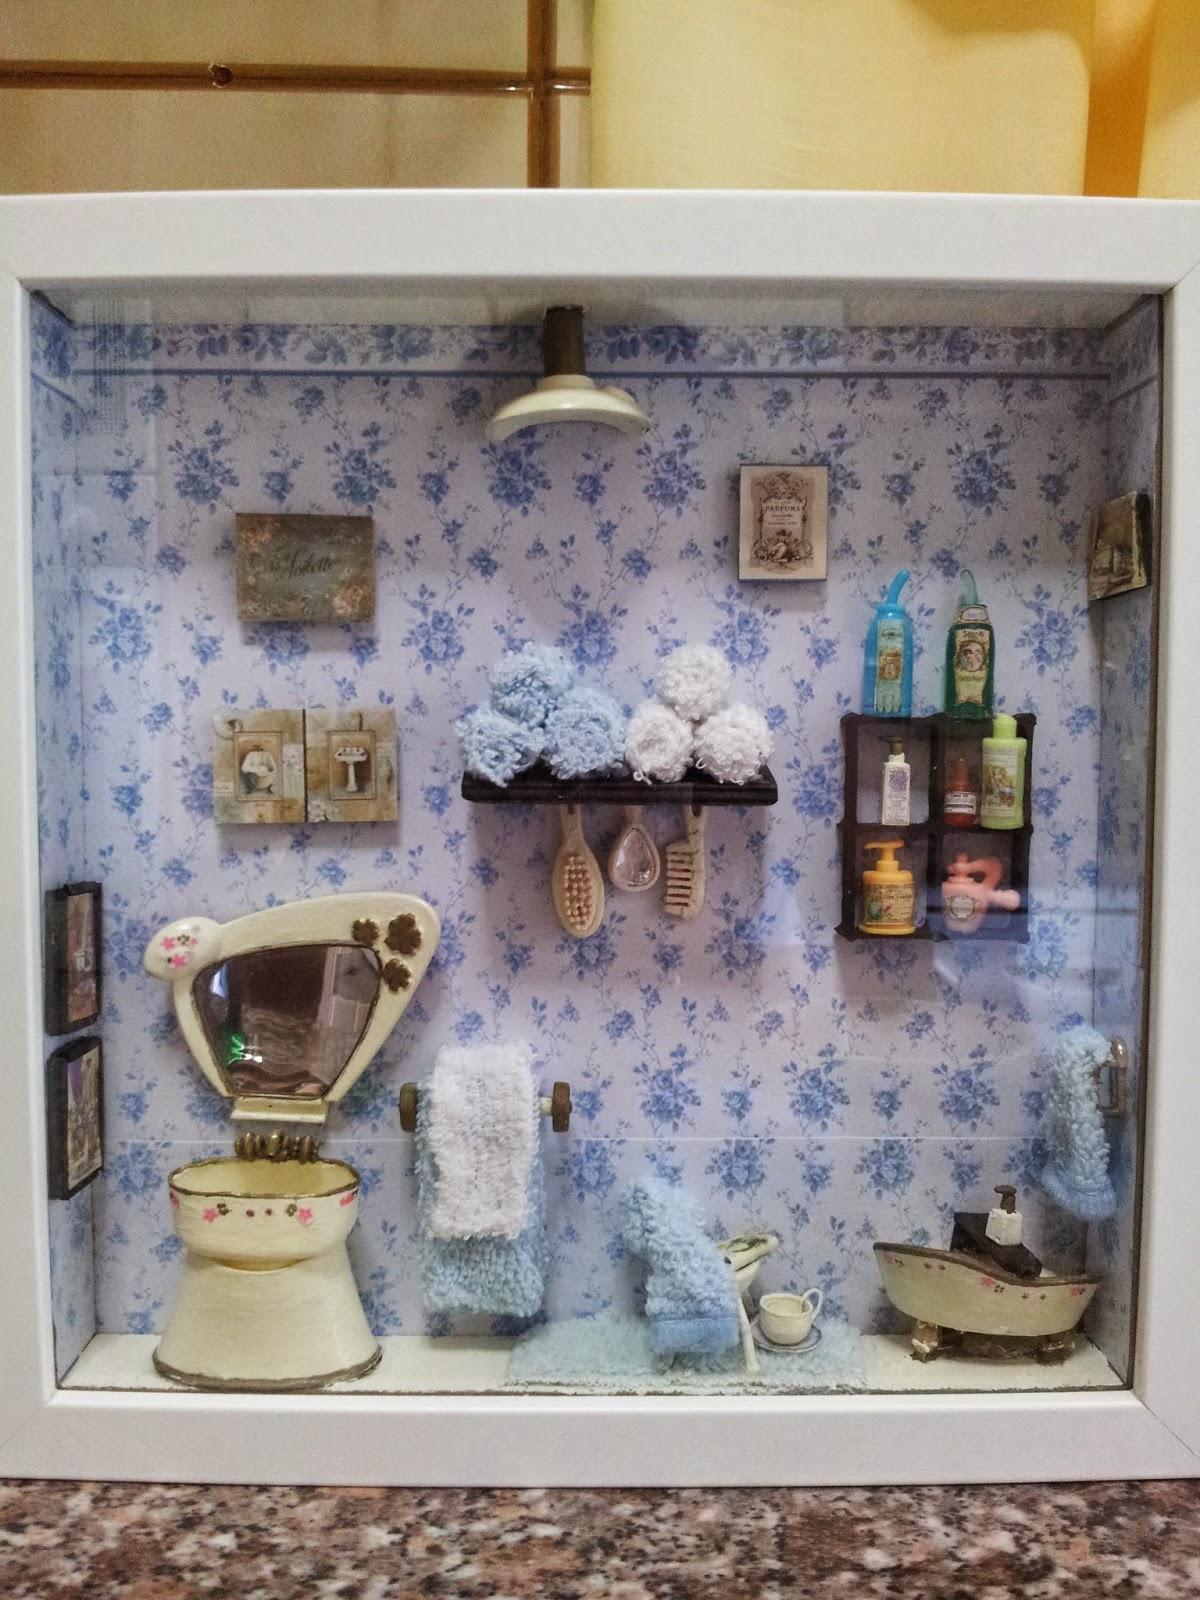 Laminas Baño Vintage:isabelvintage: Cuadros de Estancias Vintage en miniatura